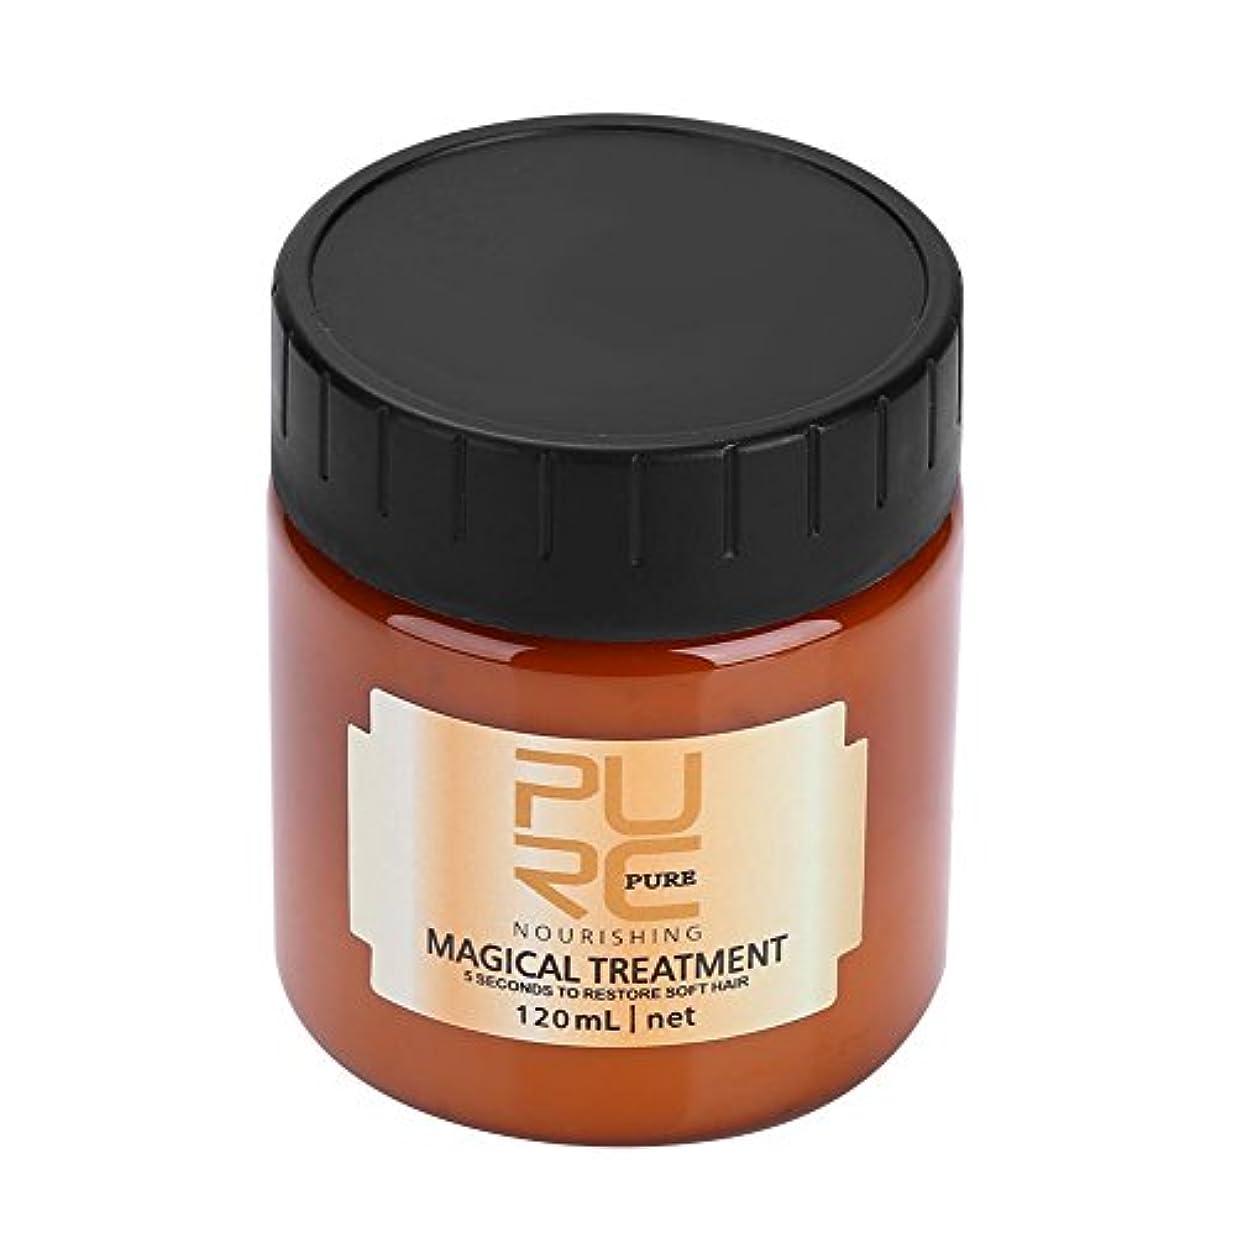 の間で記録マザーランドヘアリペアマスク、120ml魔法のヘアマスク栄養治療ソフトスムーズリペアダメージプロフェッショナル